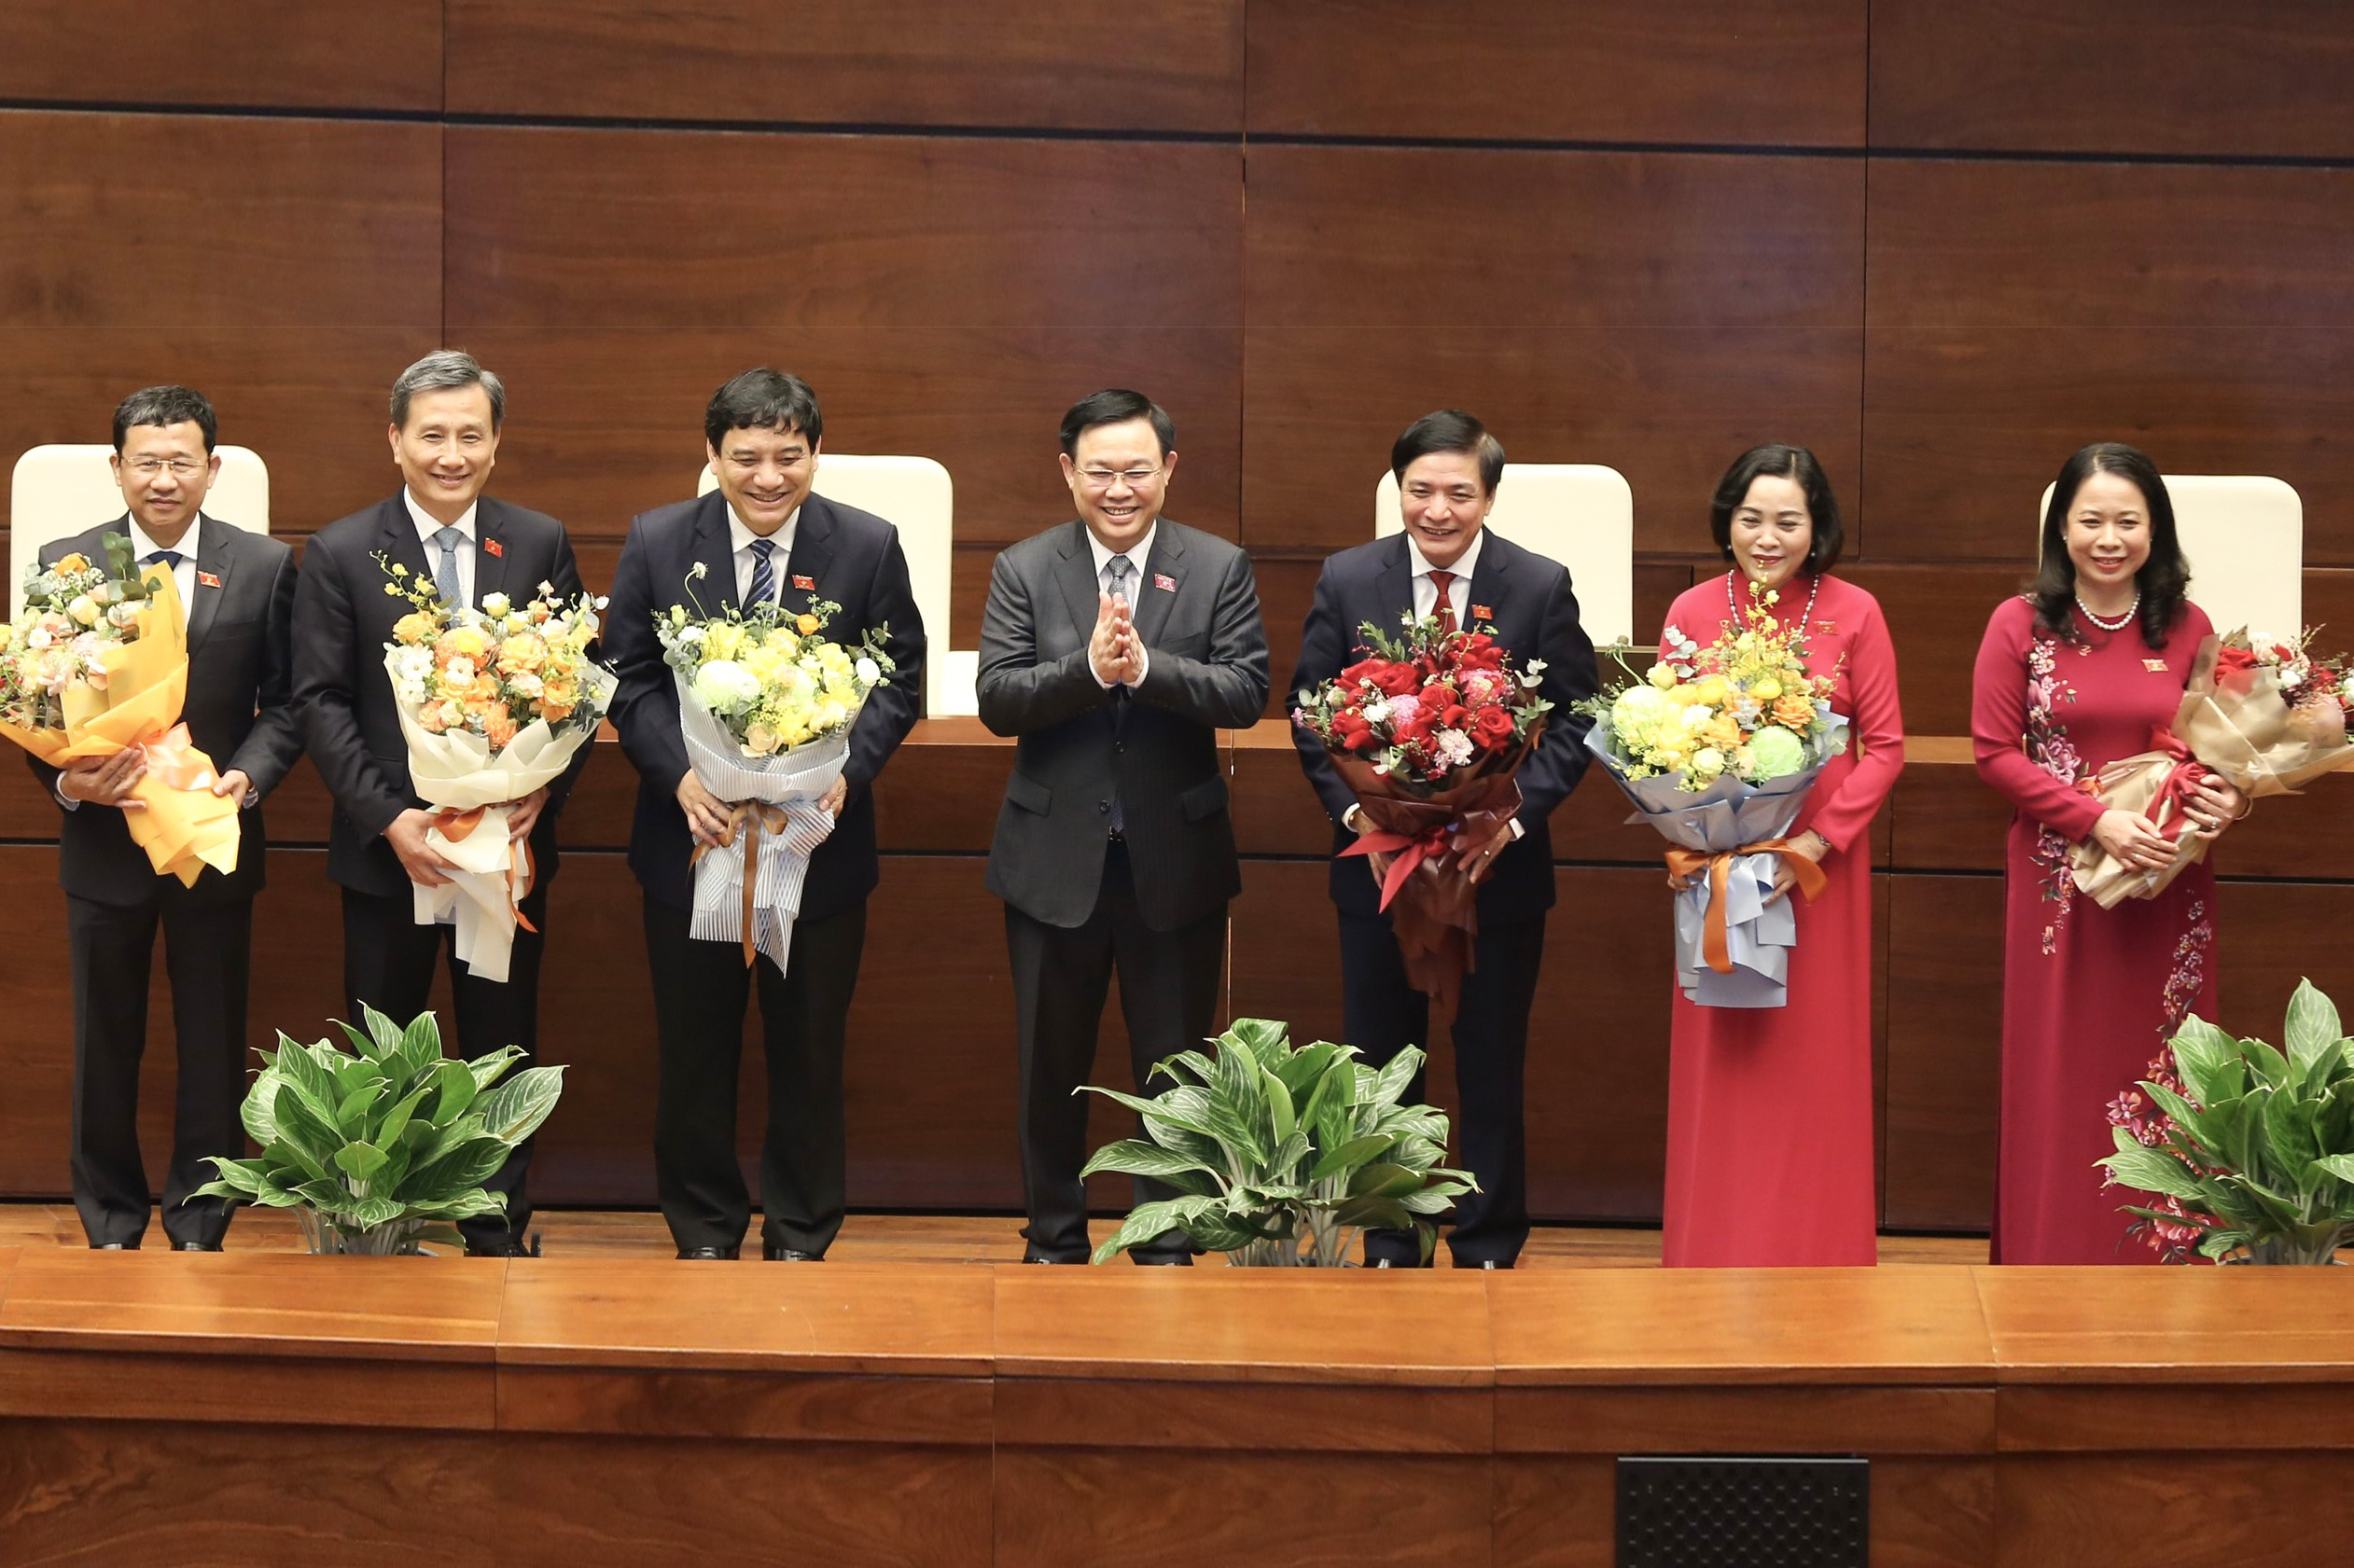 Hôm nay bầu xong lãnh đạo các cơ quan Quốc hội, trình nhân sự Chính phủ